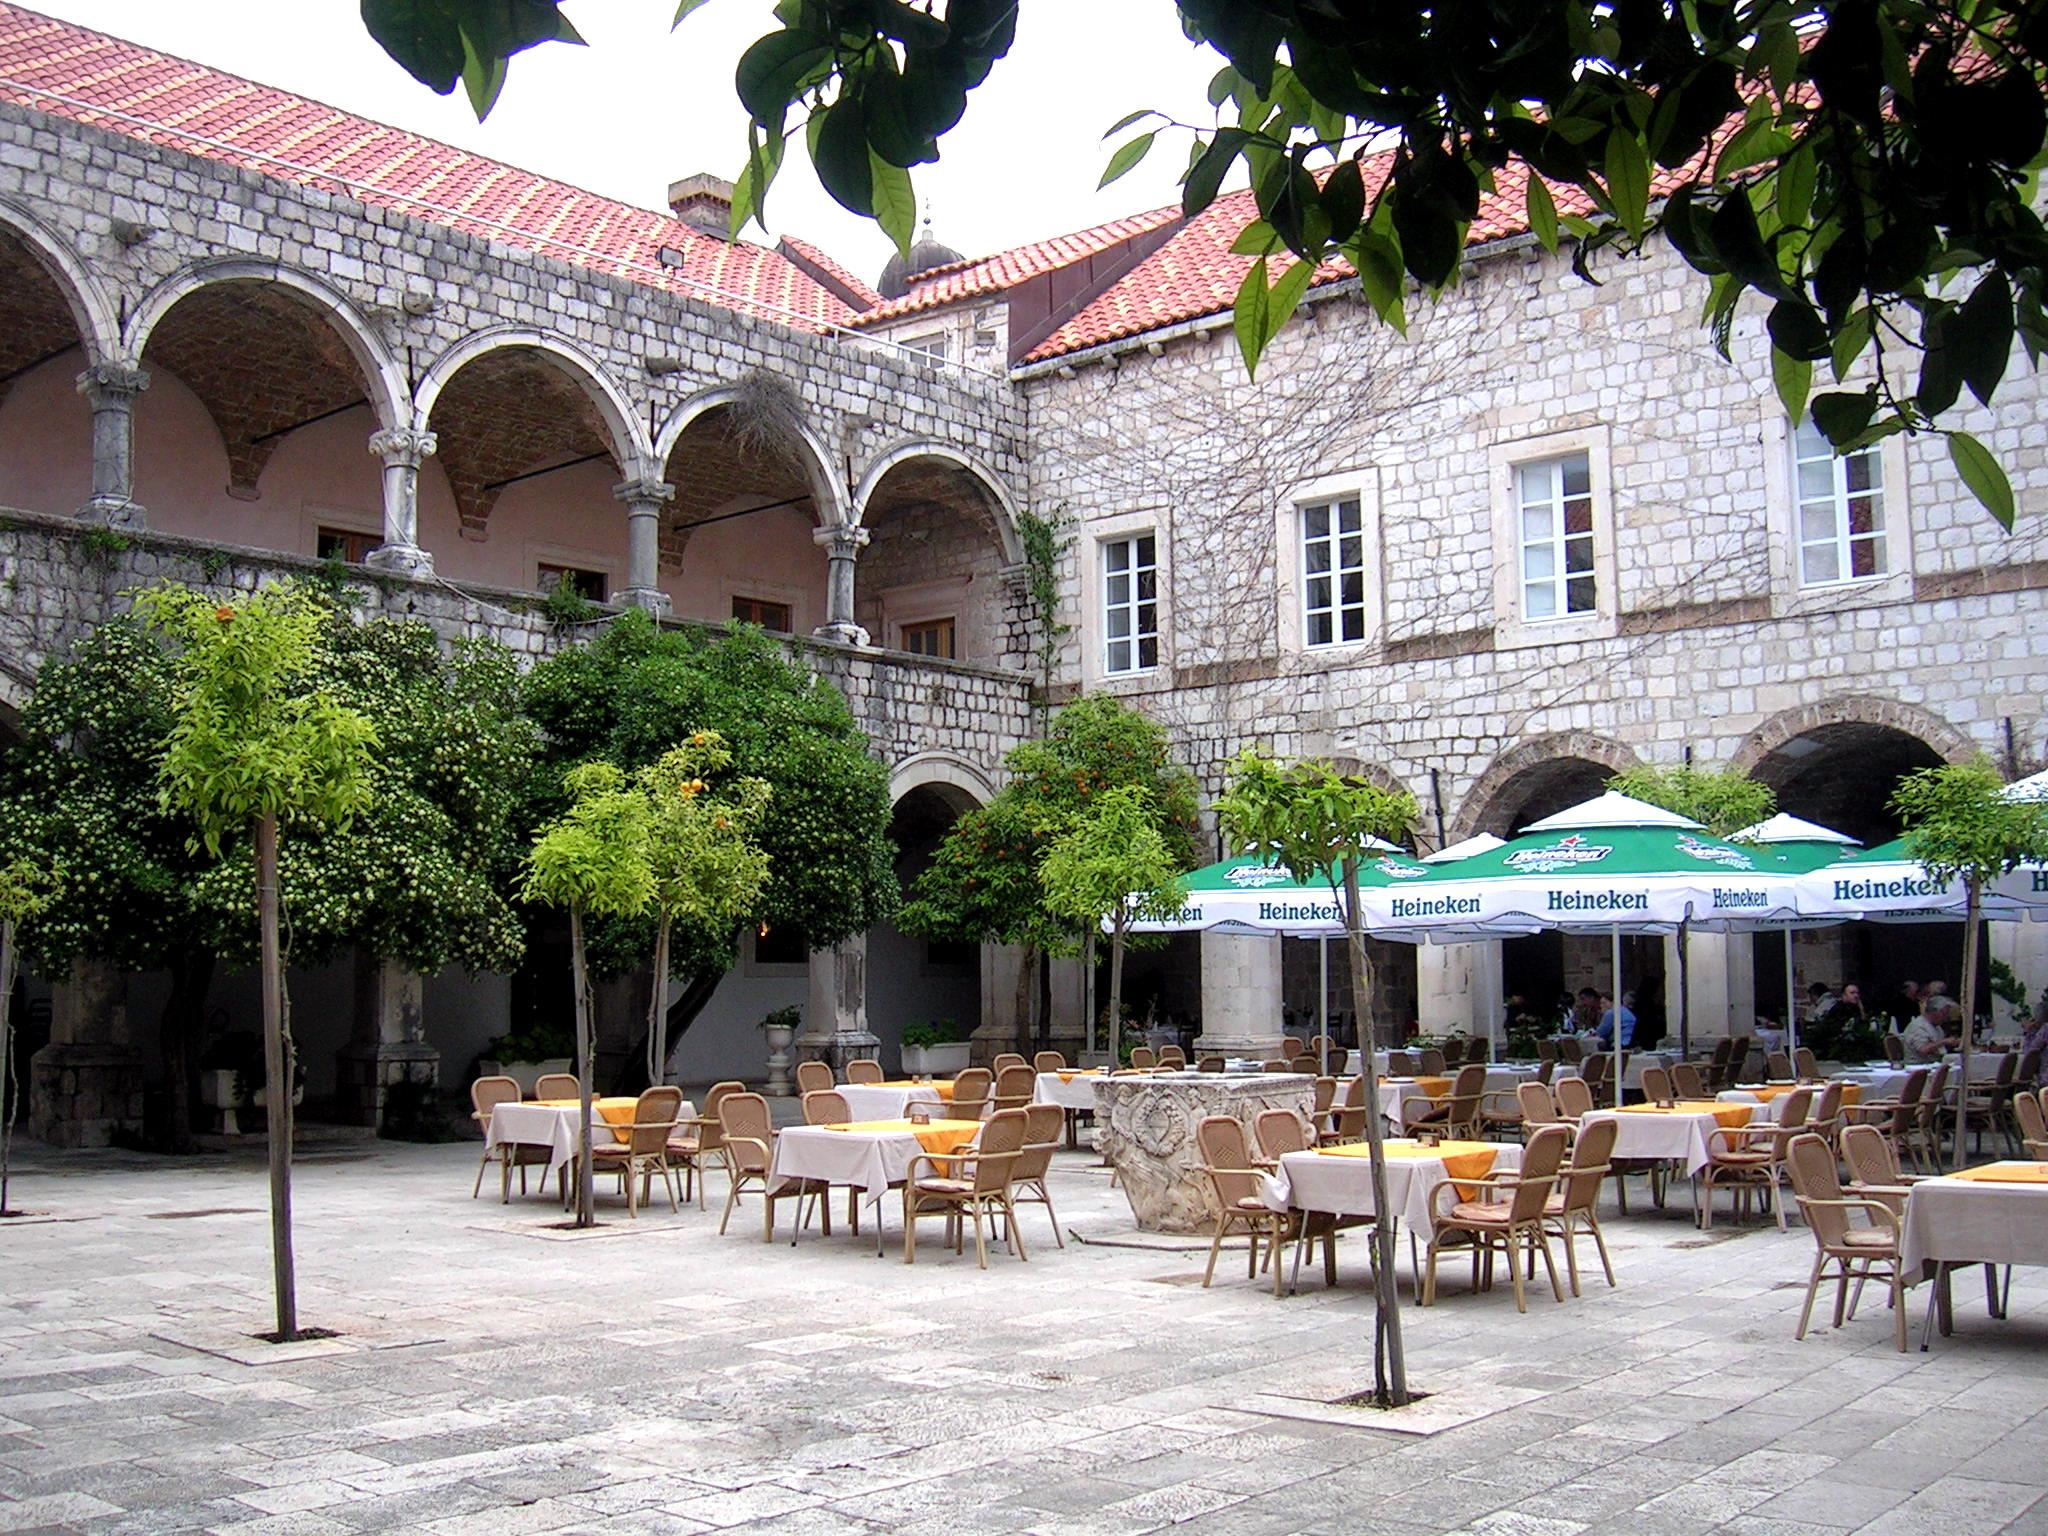 Innenhof an der Stadtmauer